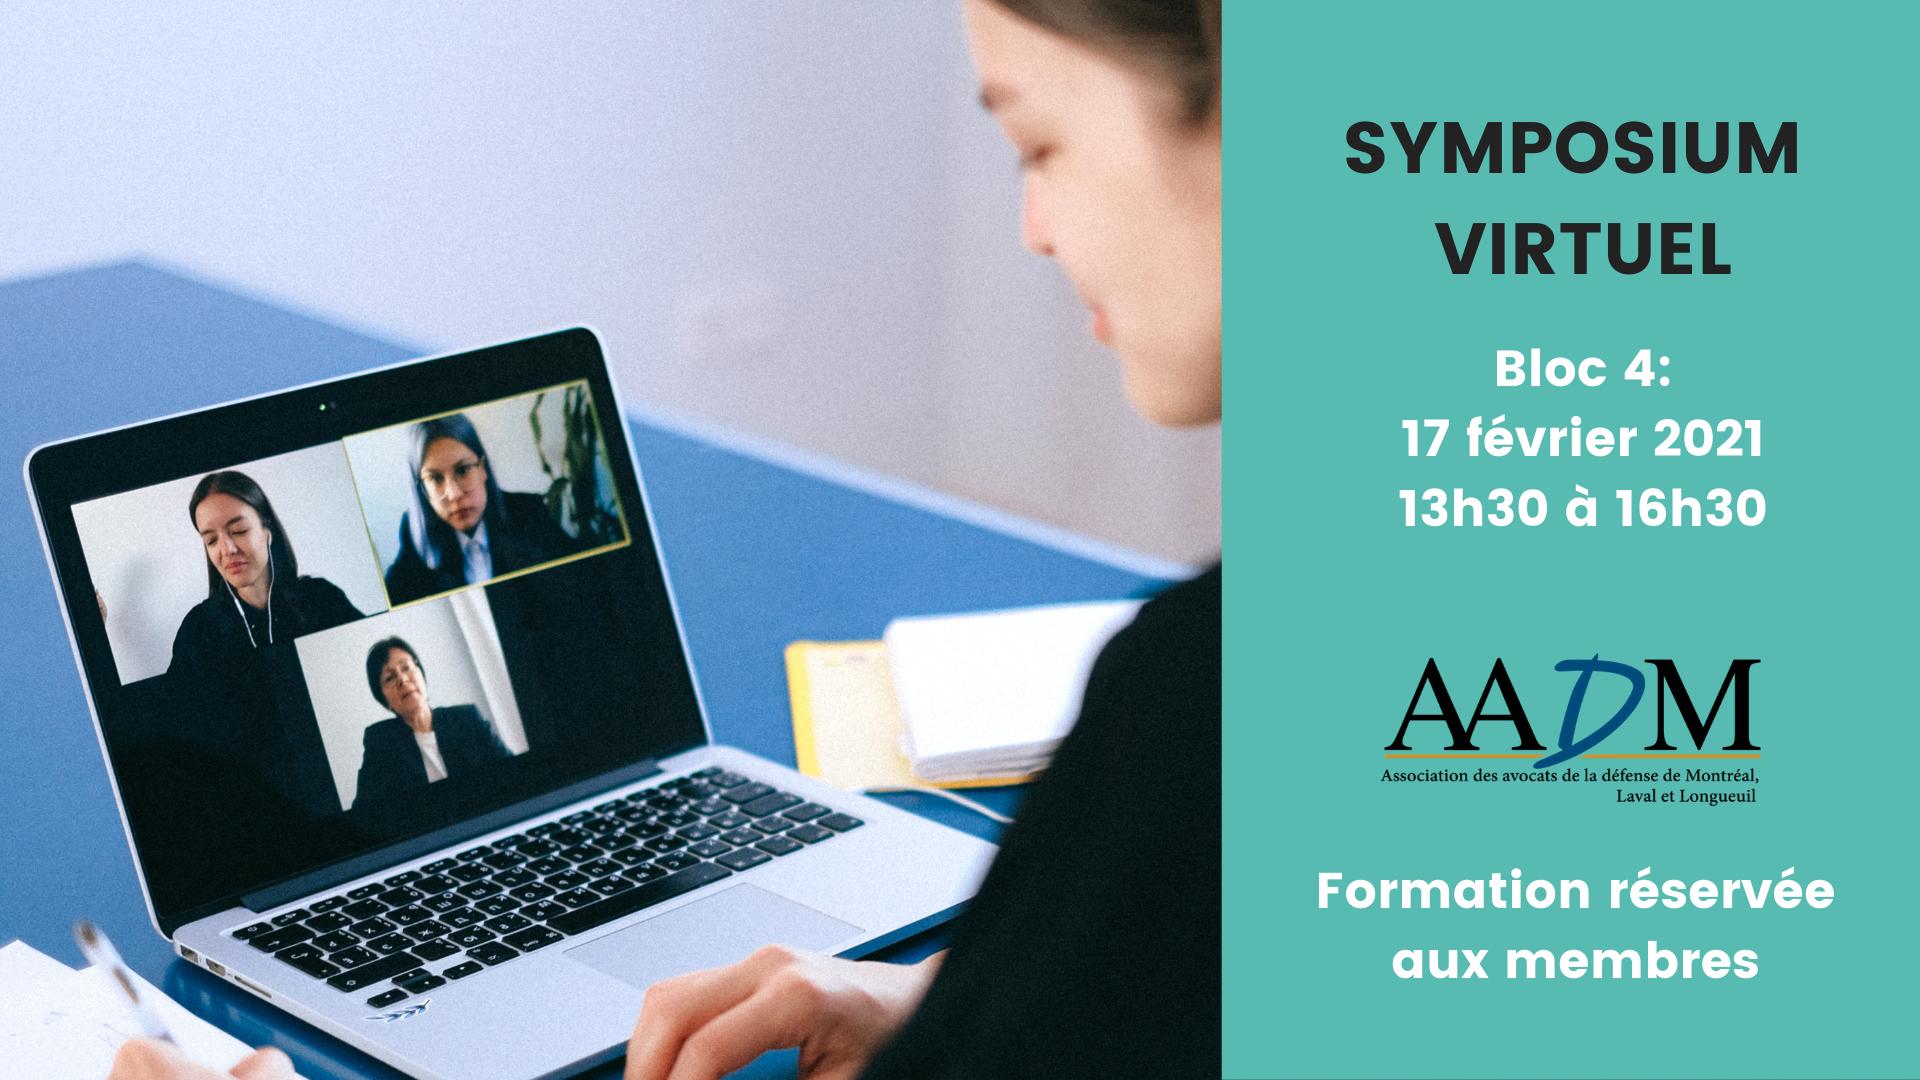 Symposium virtuel : 17 février 2021 13h30 (bloc 4)